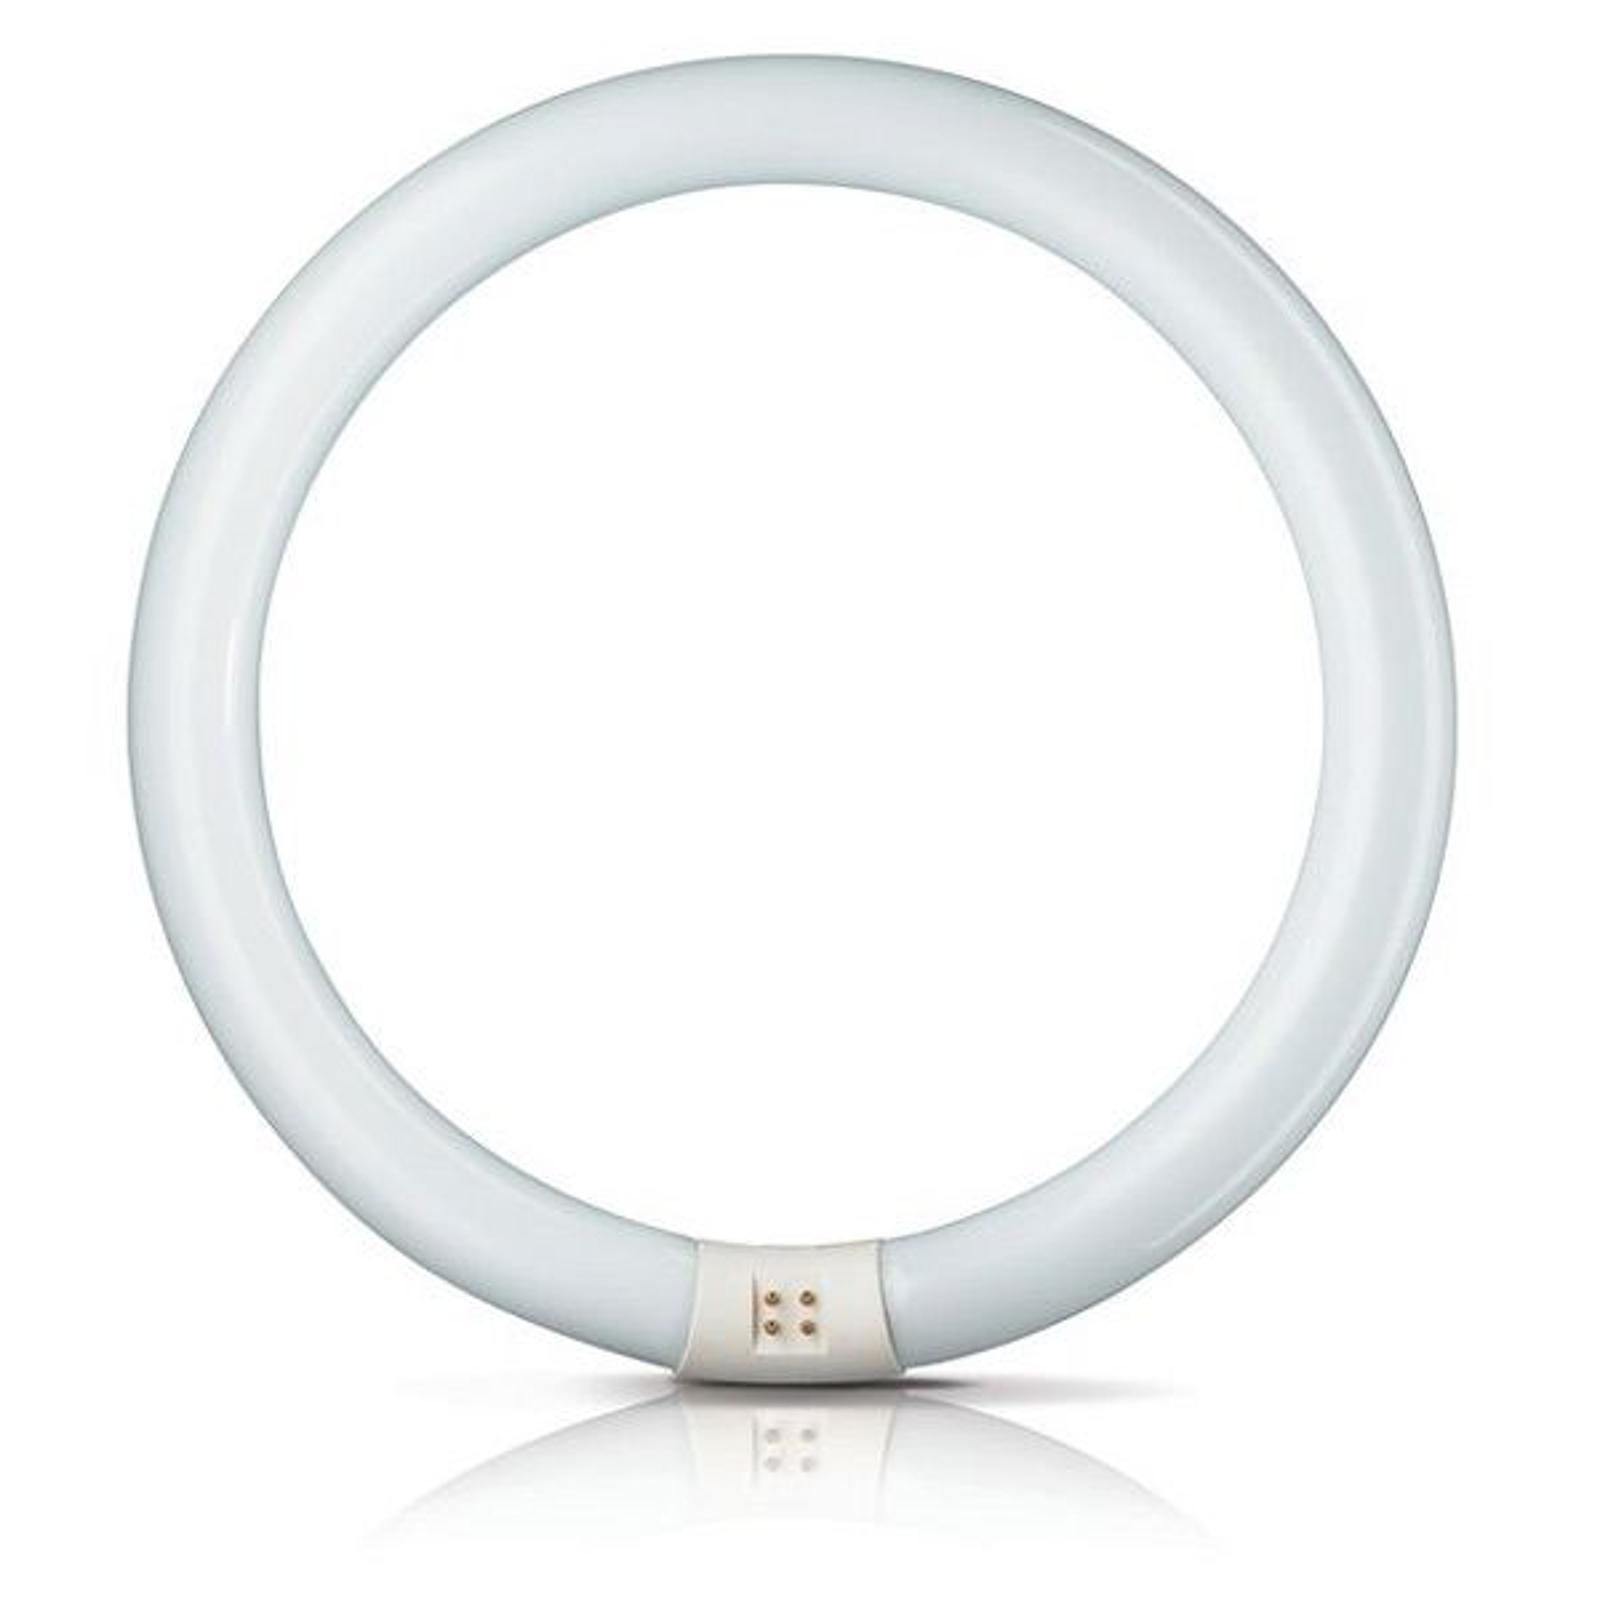 G10q 40W 830 ring-lysstofrør Master Circular TL-E